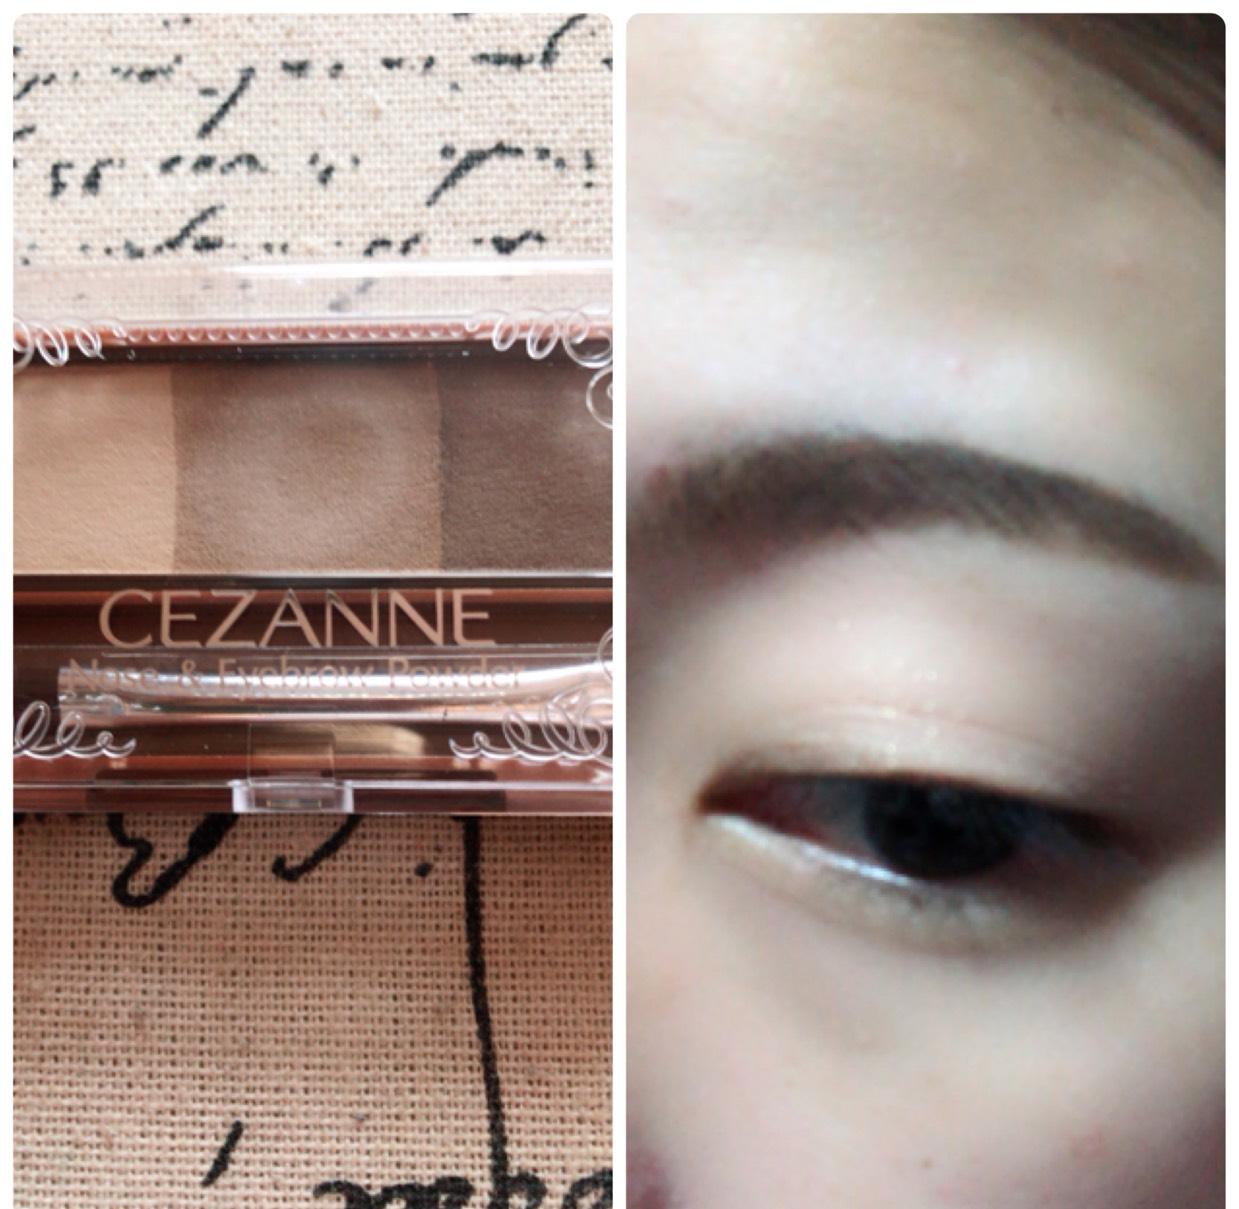 眉尻をこく、眉頭を薄くなるように眉毛を書きます。